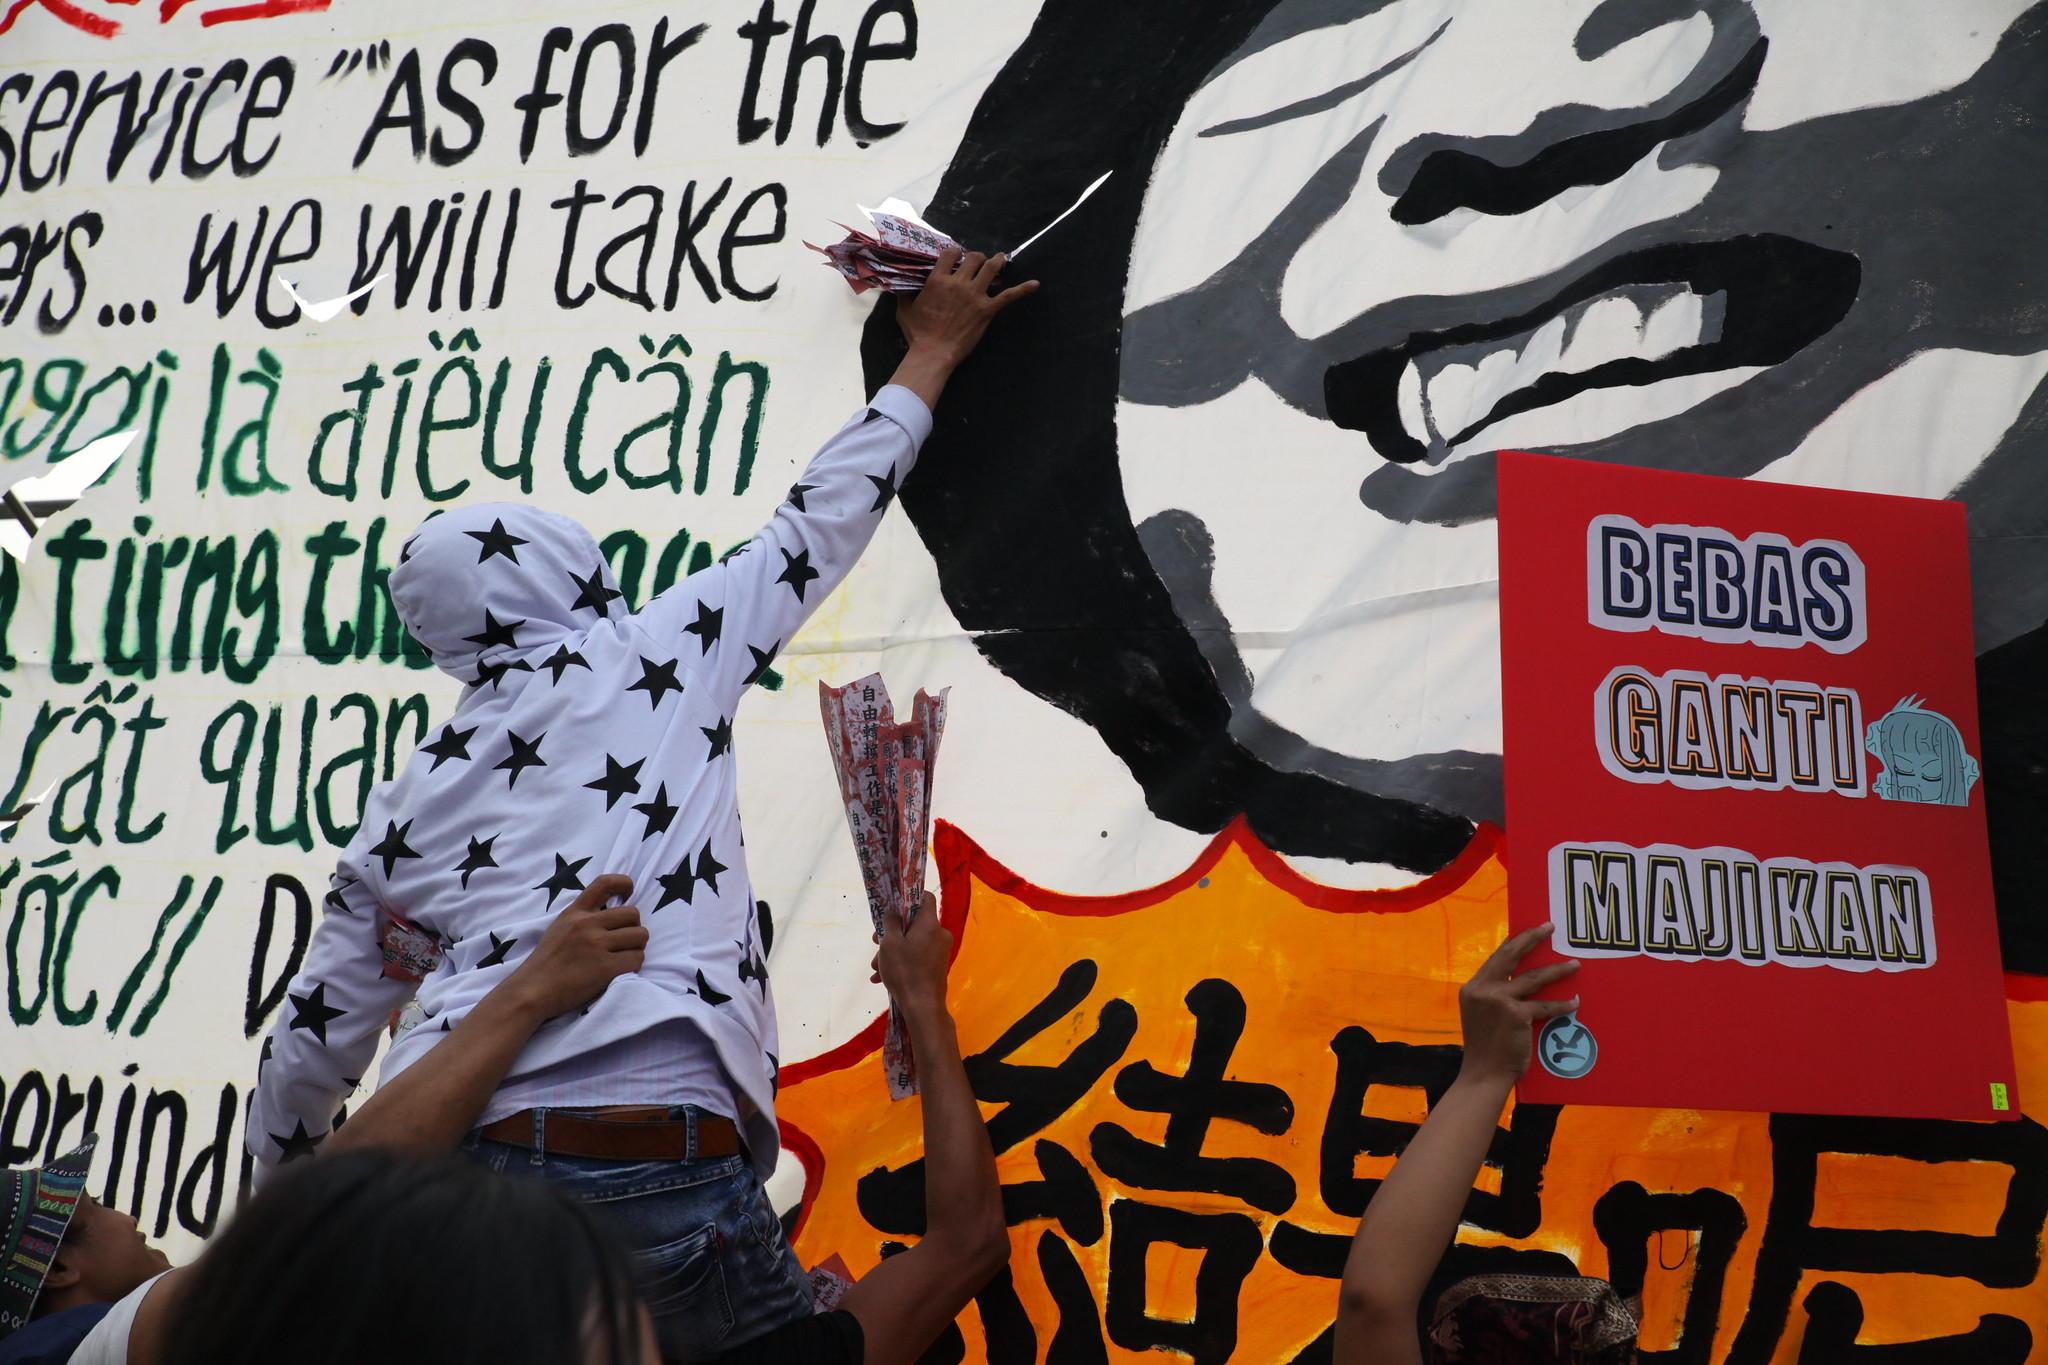 射飛機還不夠,移工把紙飛機直接塞在蔡英文看板上,表達憤怒。(攝影:陳逸婷)